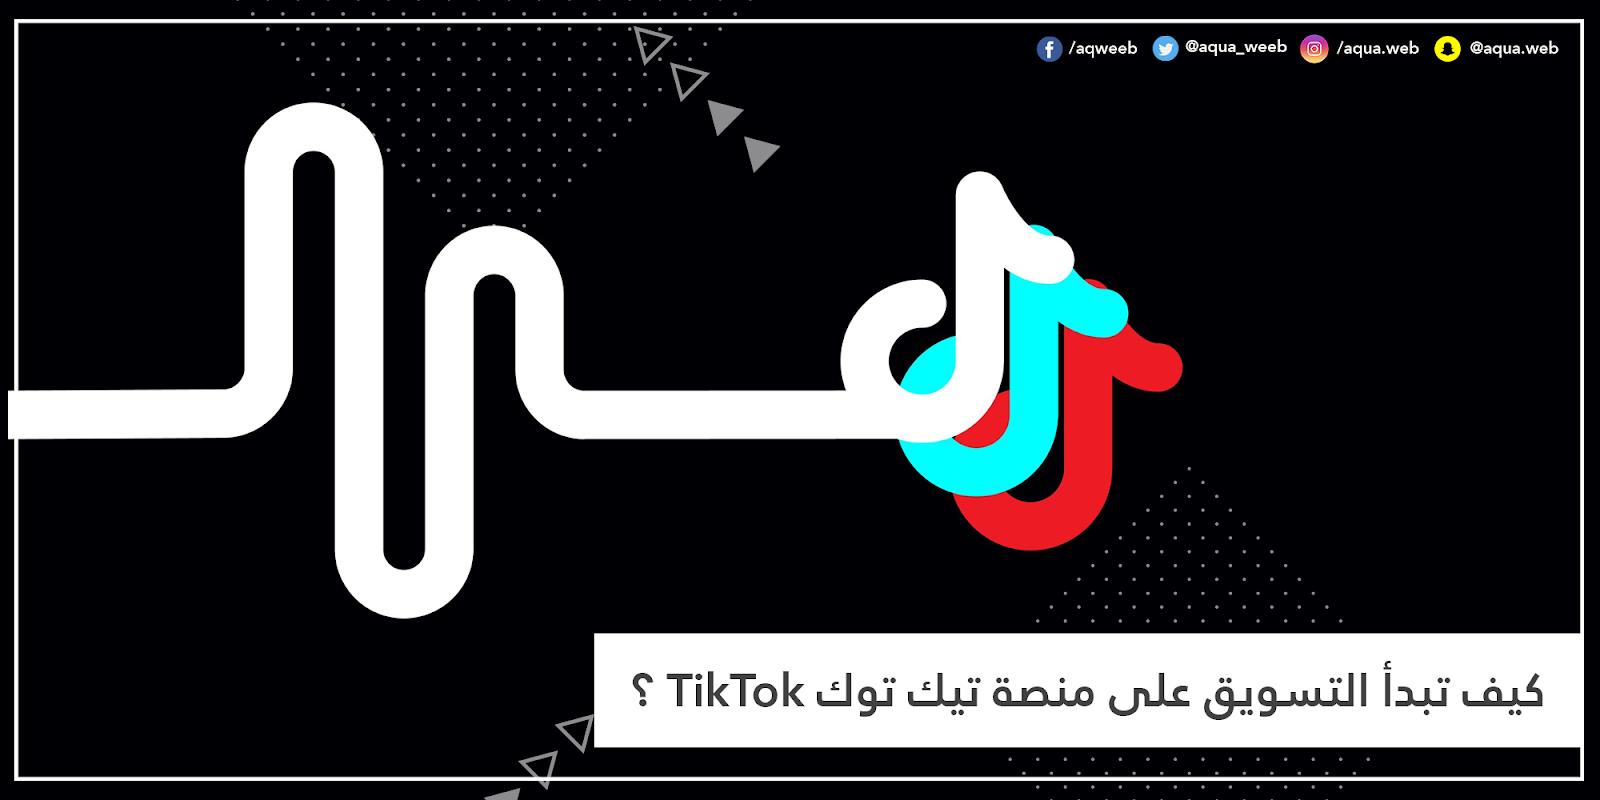 كيف تبدأ التسويق على منصة تيك توك TikTok ؟